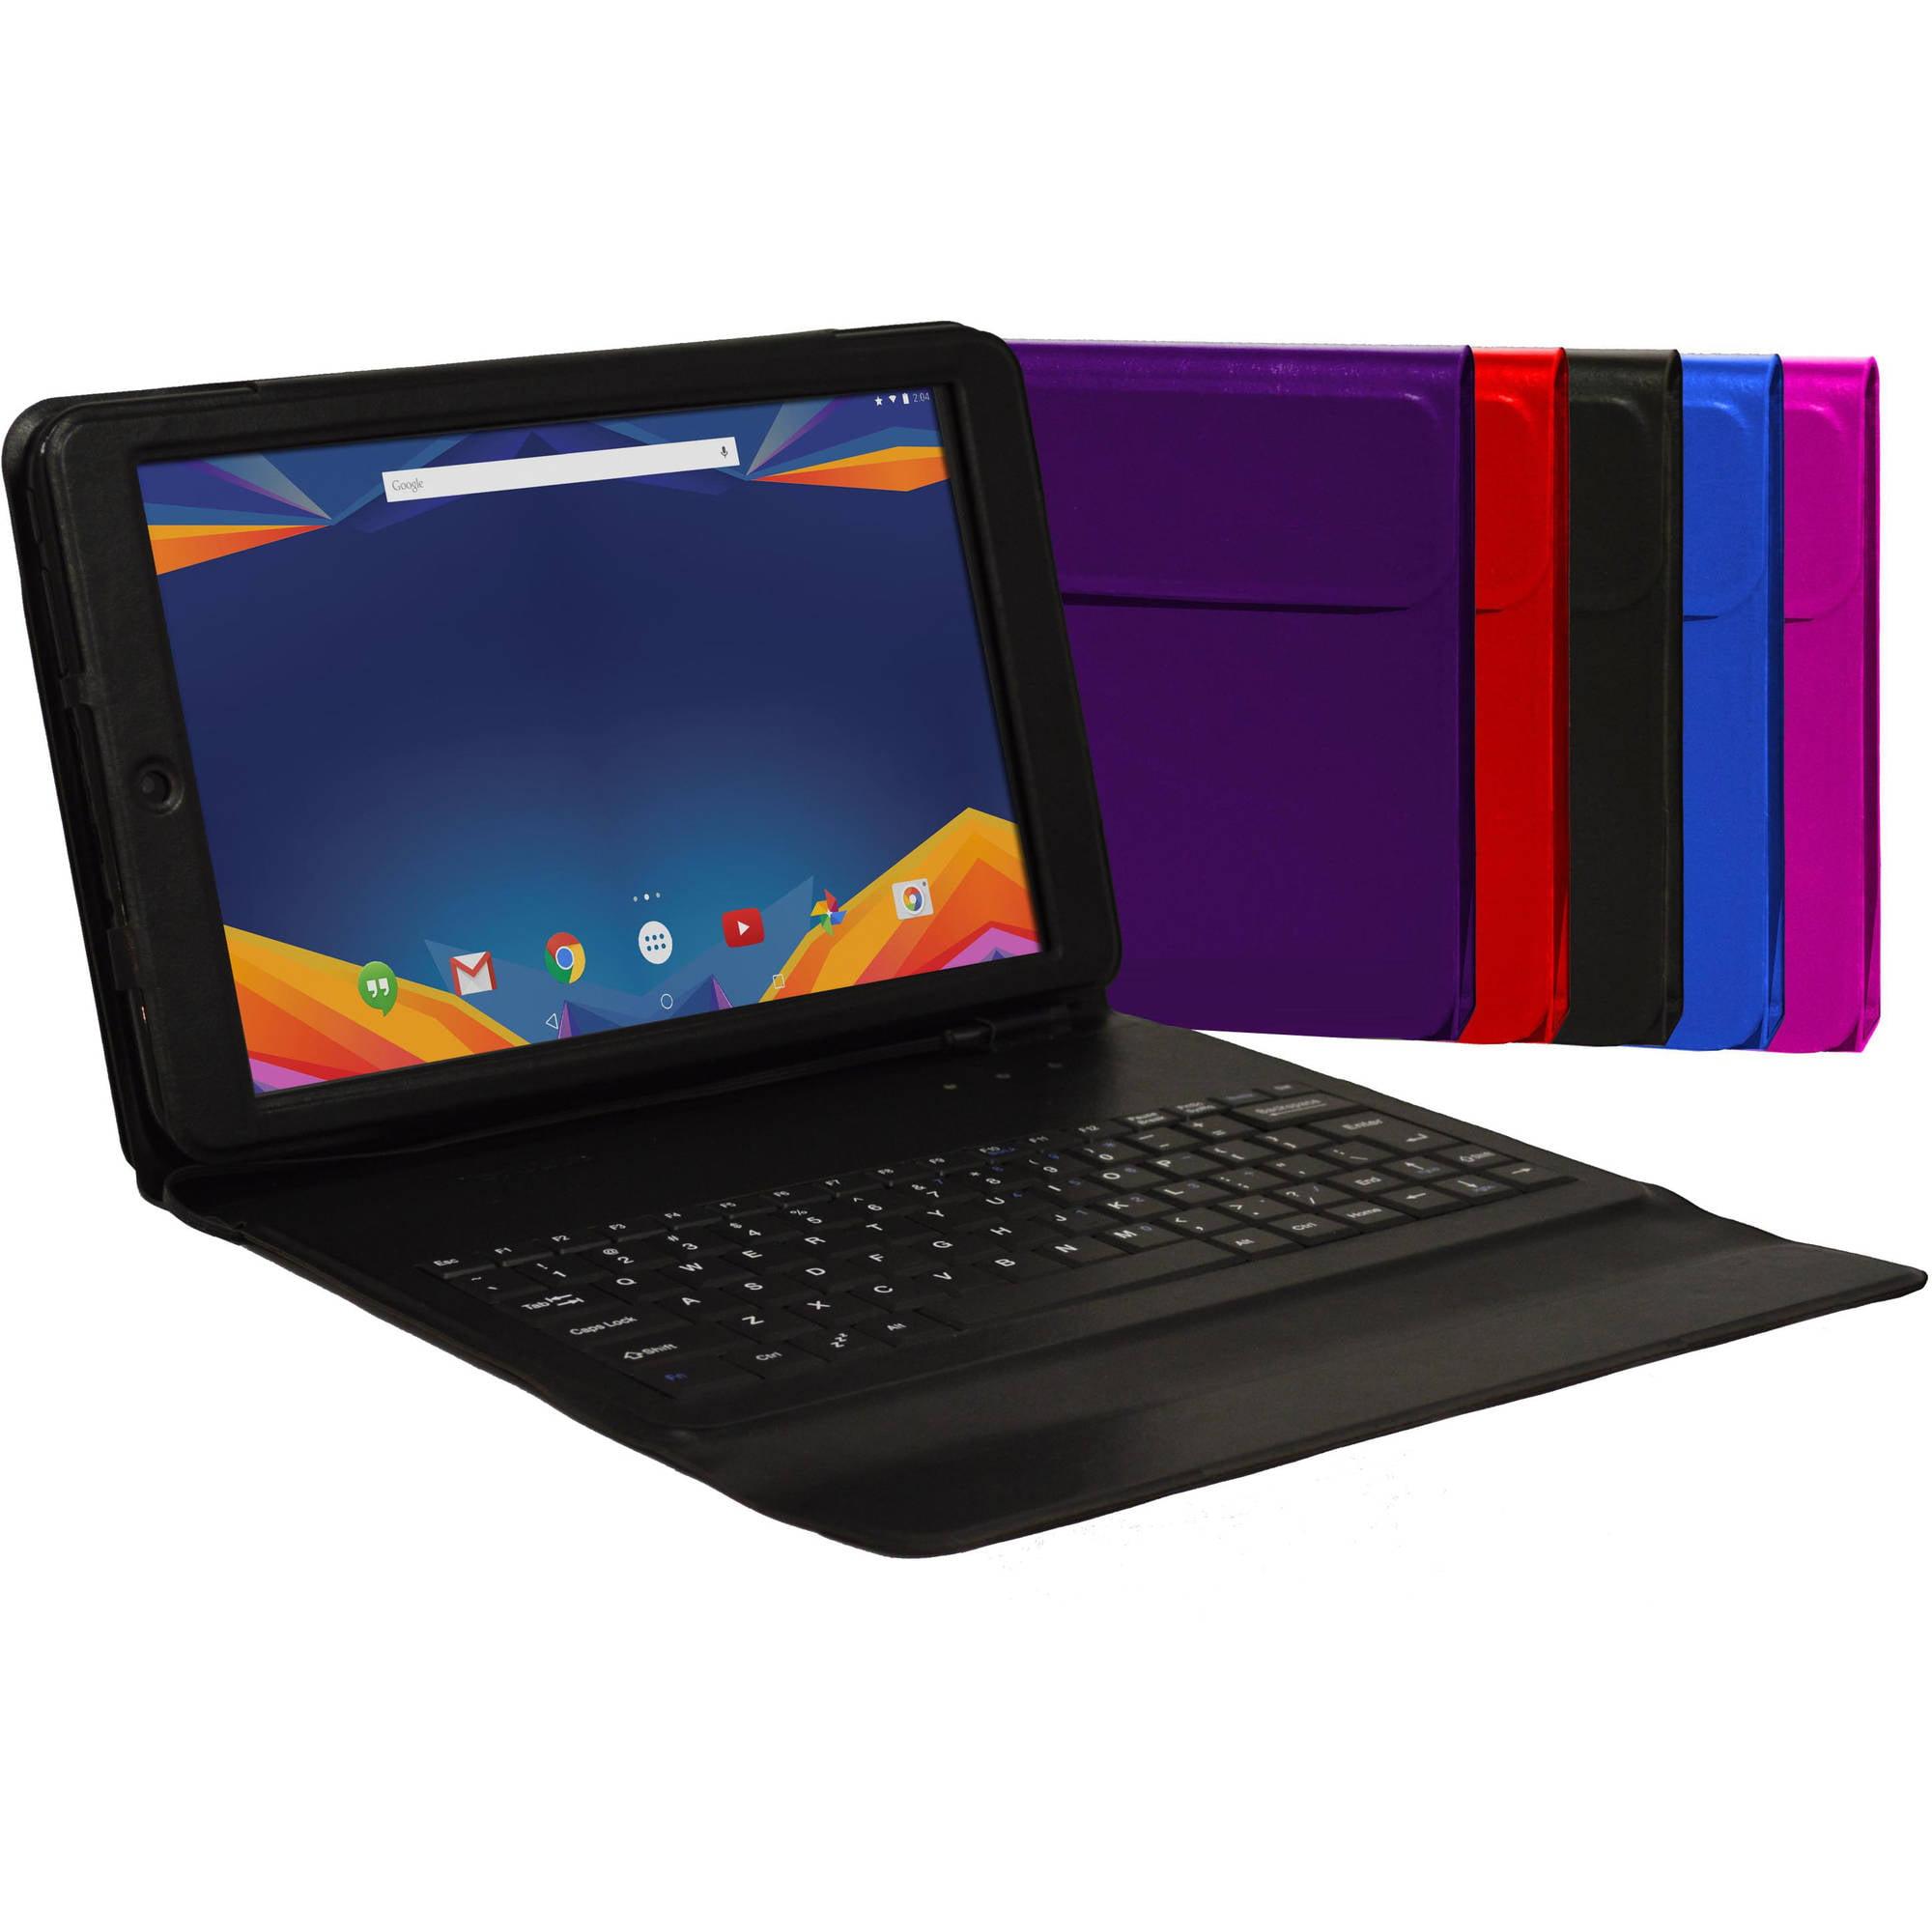 Prestigio 10ES Prime Octa Core 32GB Android Lollipop 5 Tablet W/teclado caso + Visual en Veo y Compro